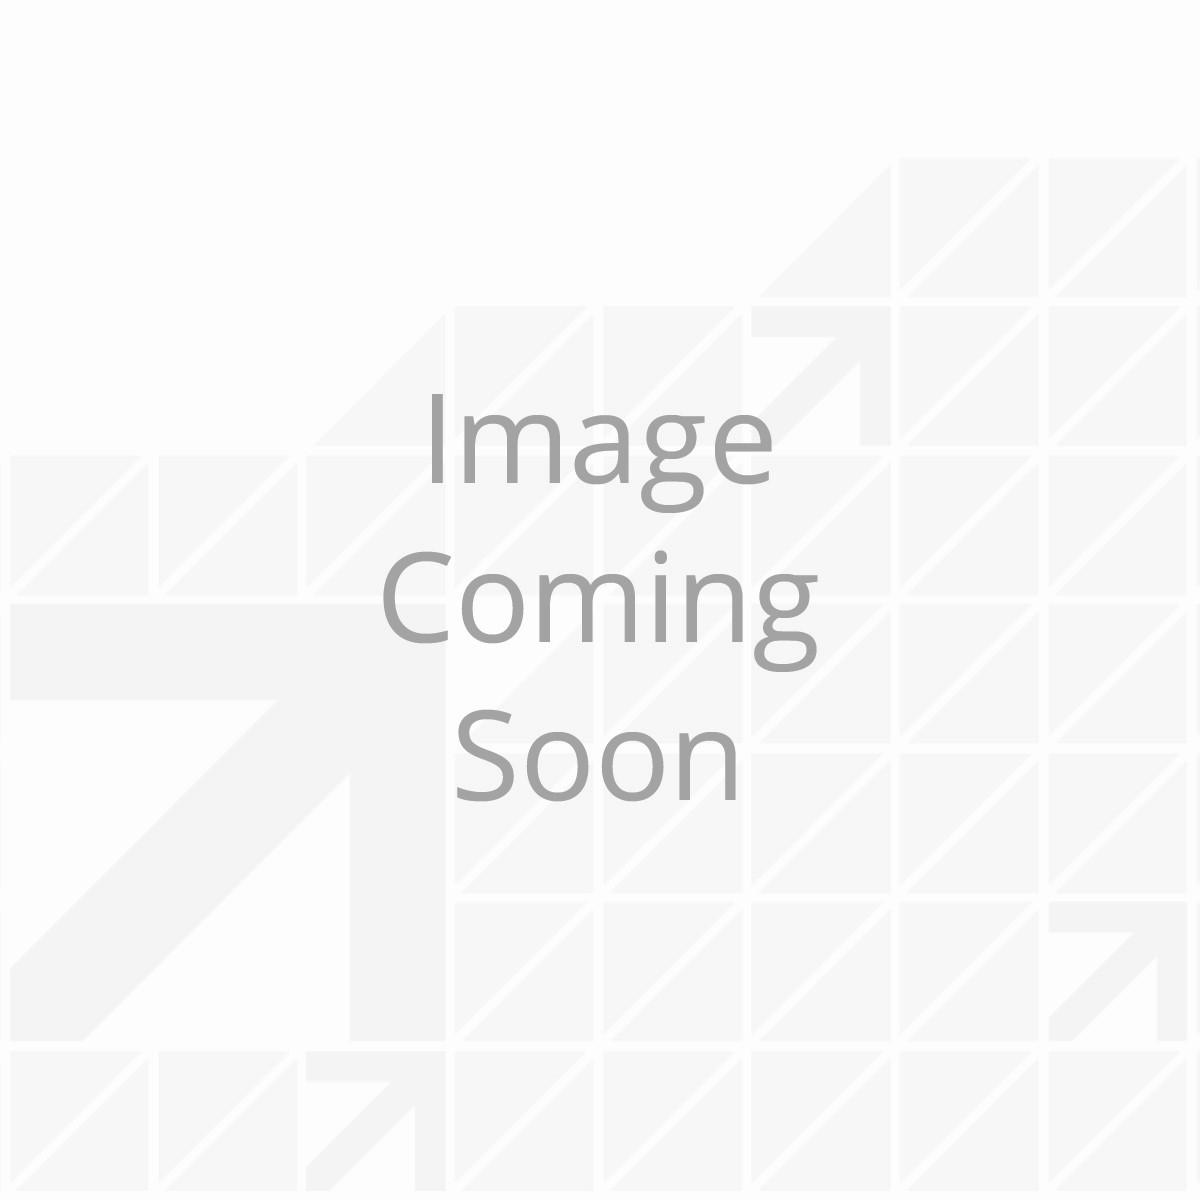 axle_126359